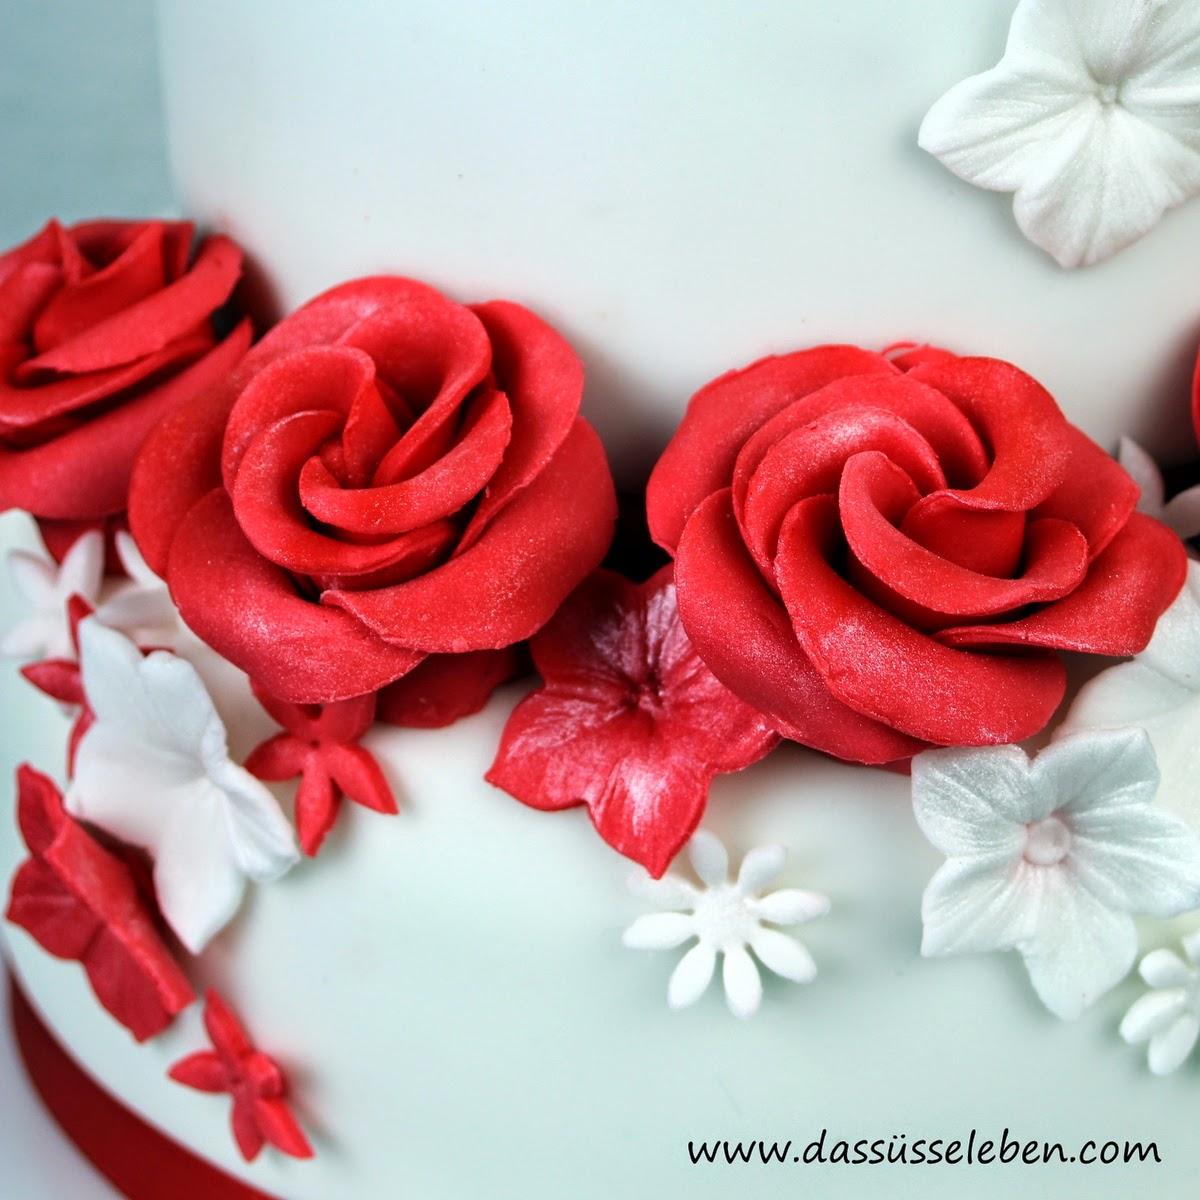 rezept rote hochzeitstorte mit rosen das s e leben. Black Bedroom Furniture Sets. Home Design Ideas